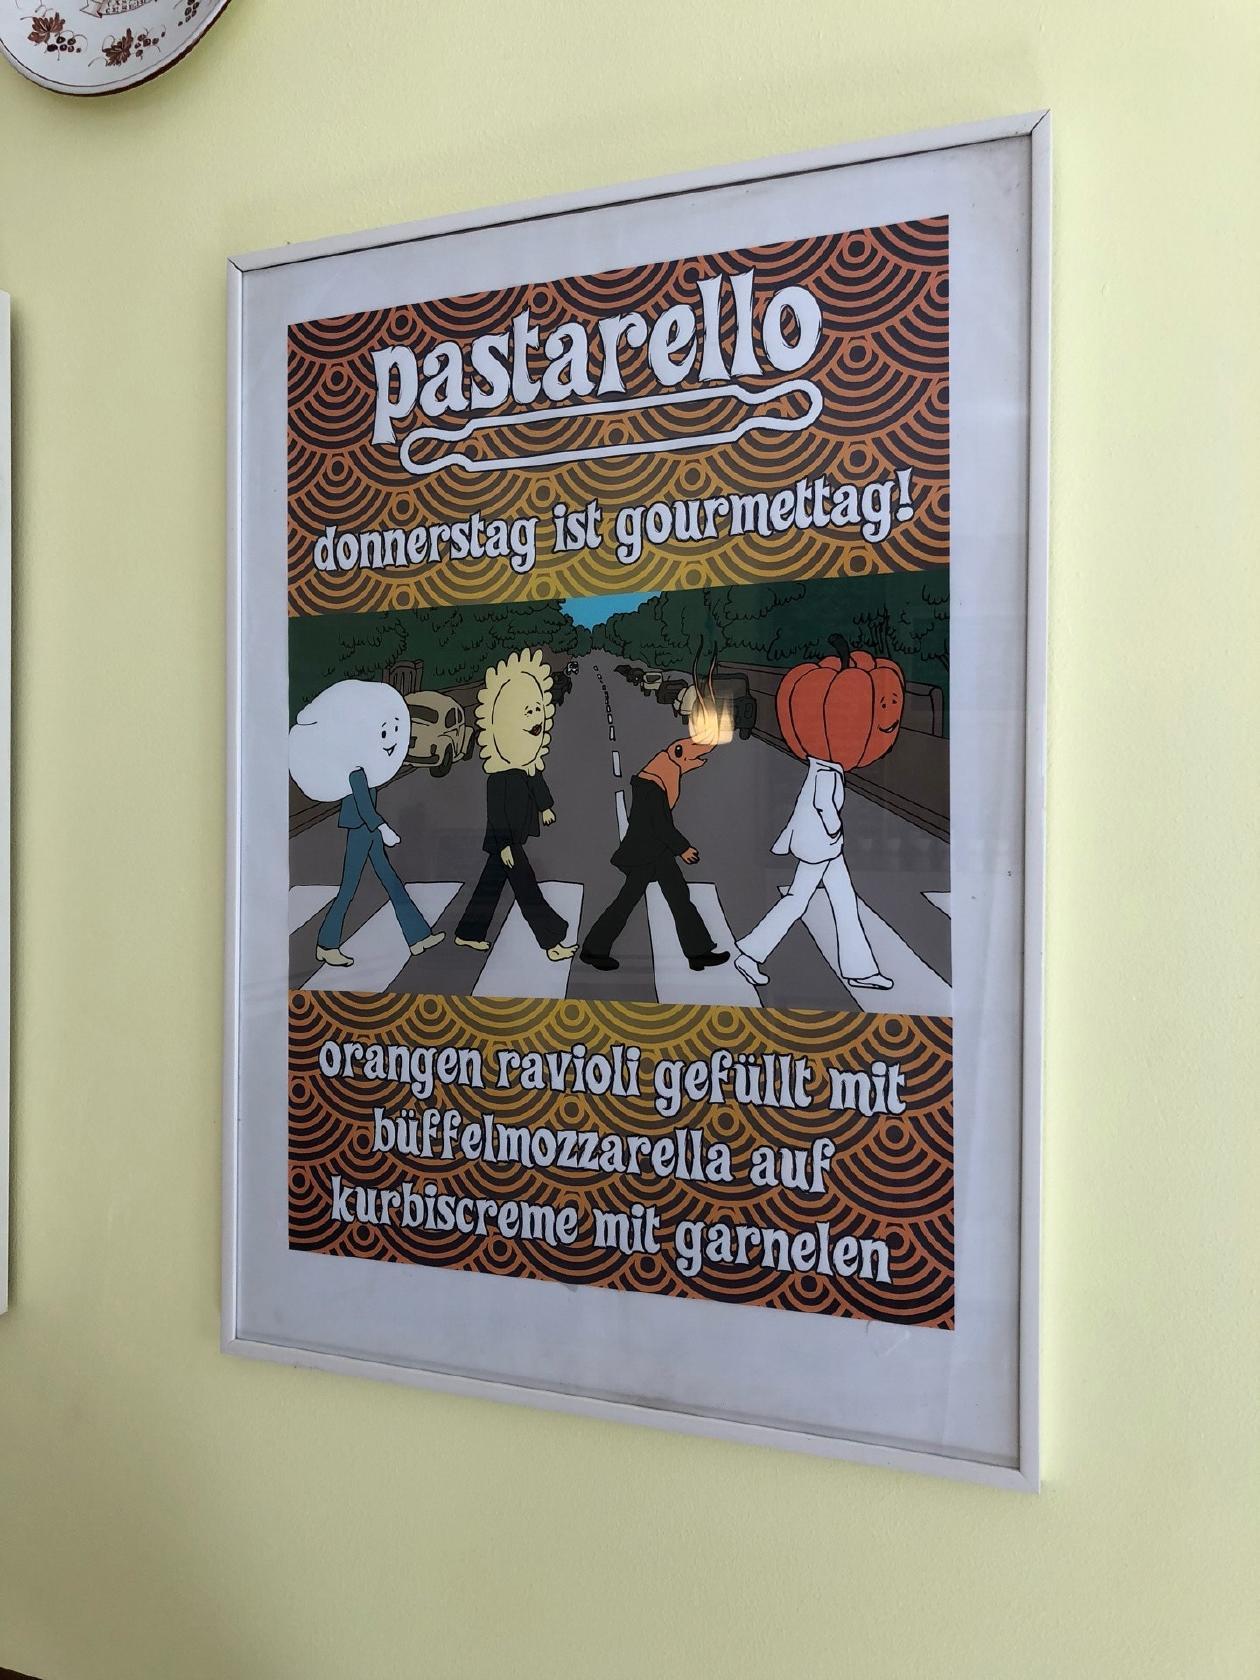 Die Werbung zeigt Informationen über Pastarello